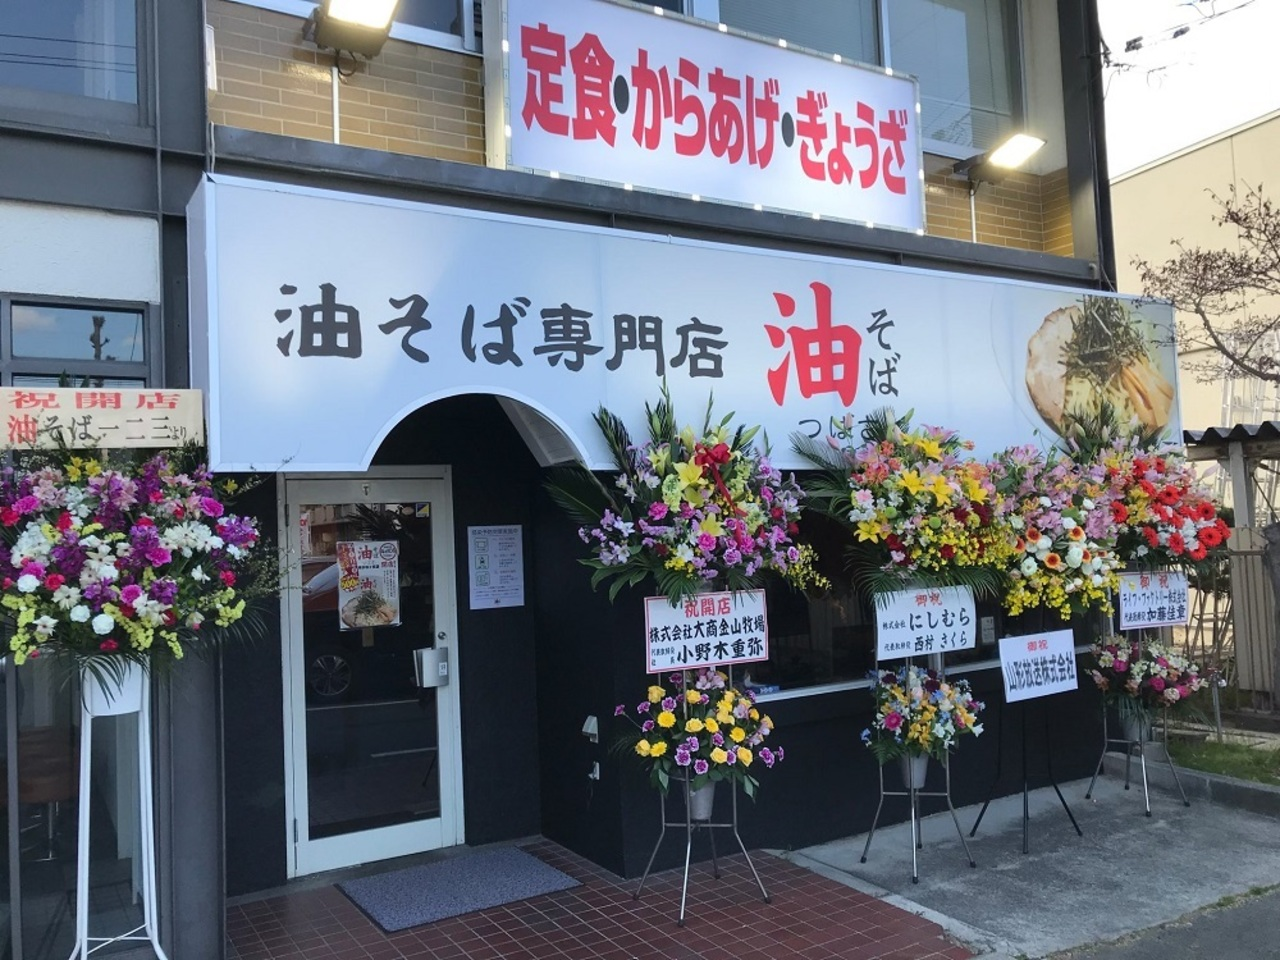 山形県山形市あかねヶ丘2丁目に「油そばつばさ あかねケ丘店」が昨日オープンされたようです。